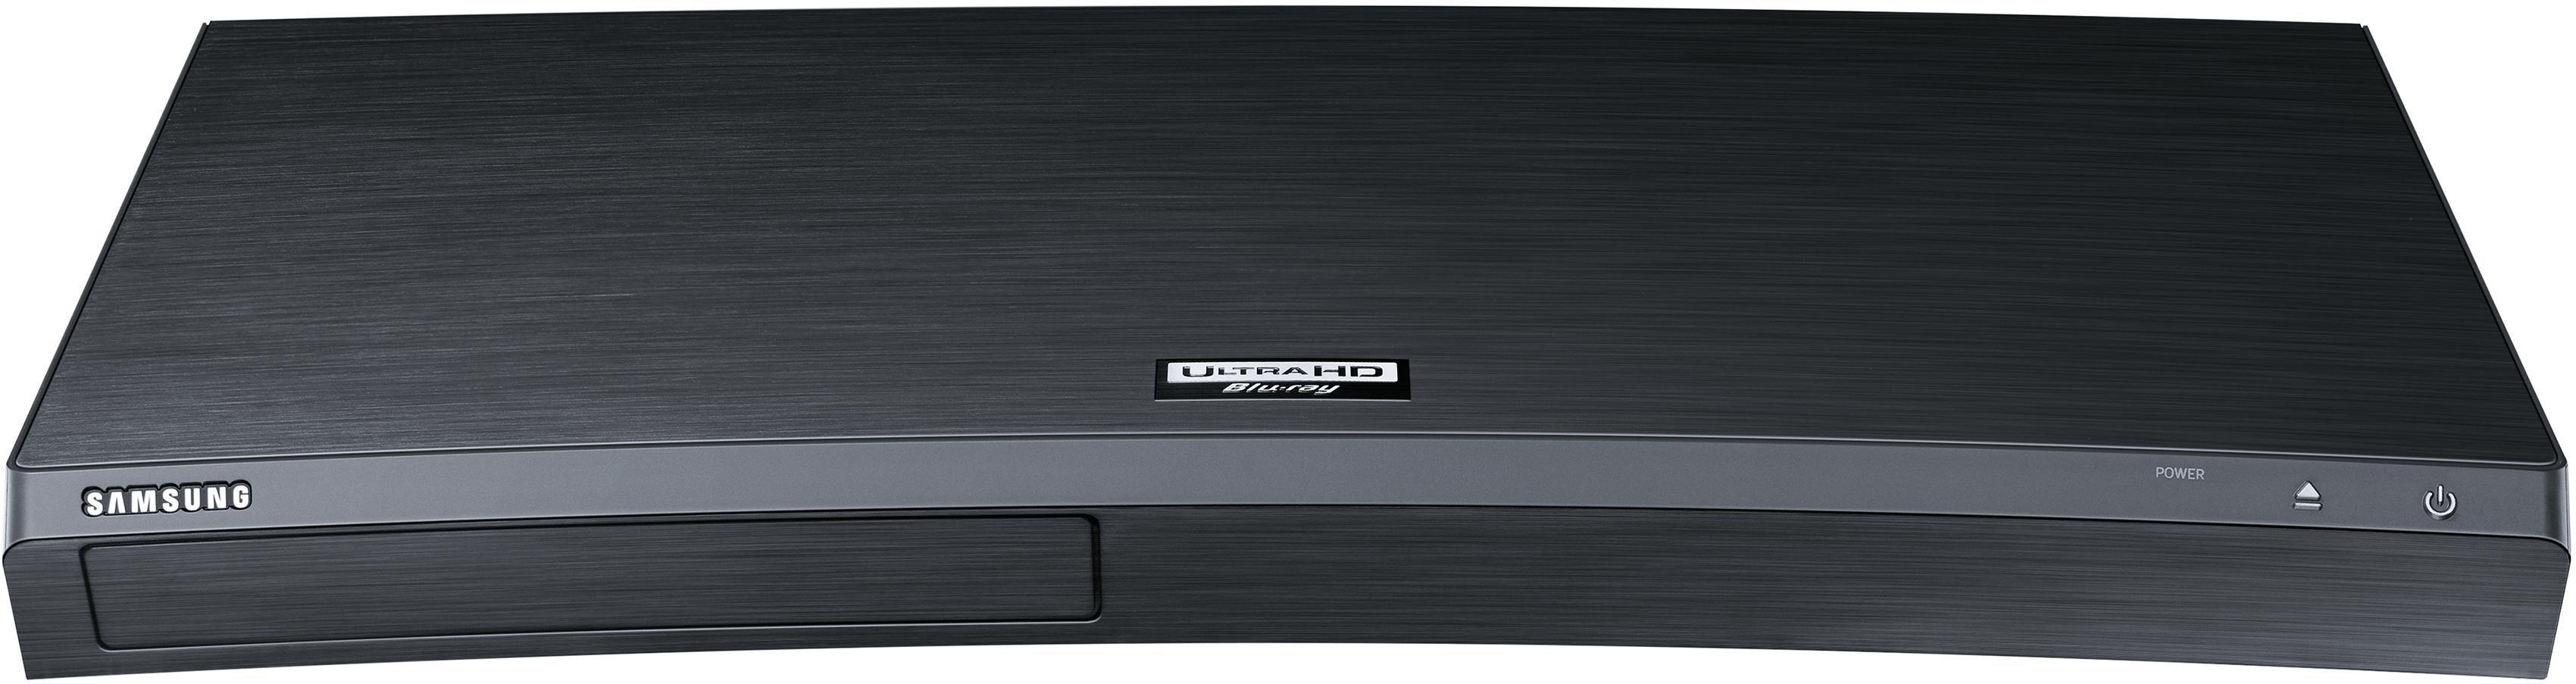 SAMSUNG UBD-9500/EN Ultra HD blu-ray-speler (Bluetooth, WLAN) - gratis ruilen op otto.nl